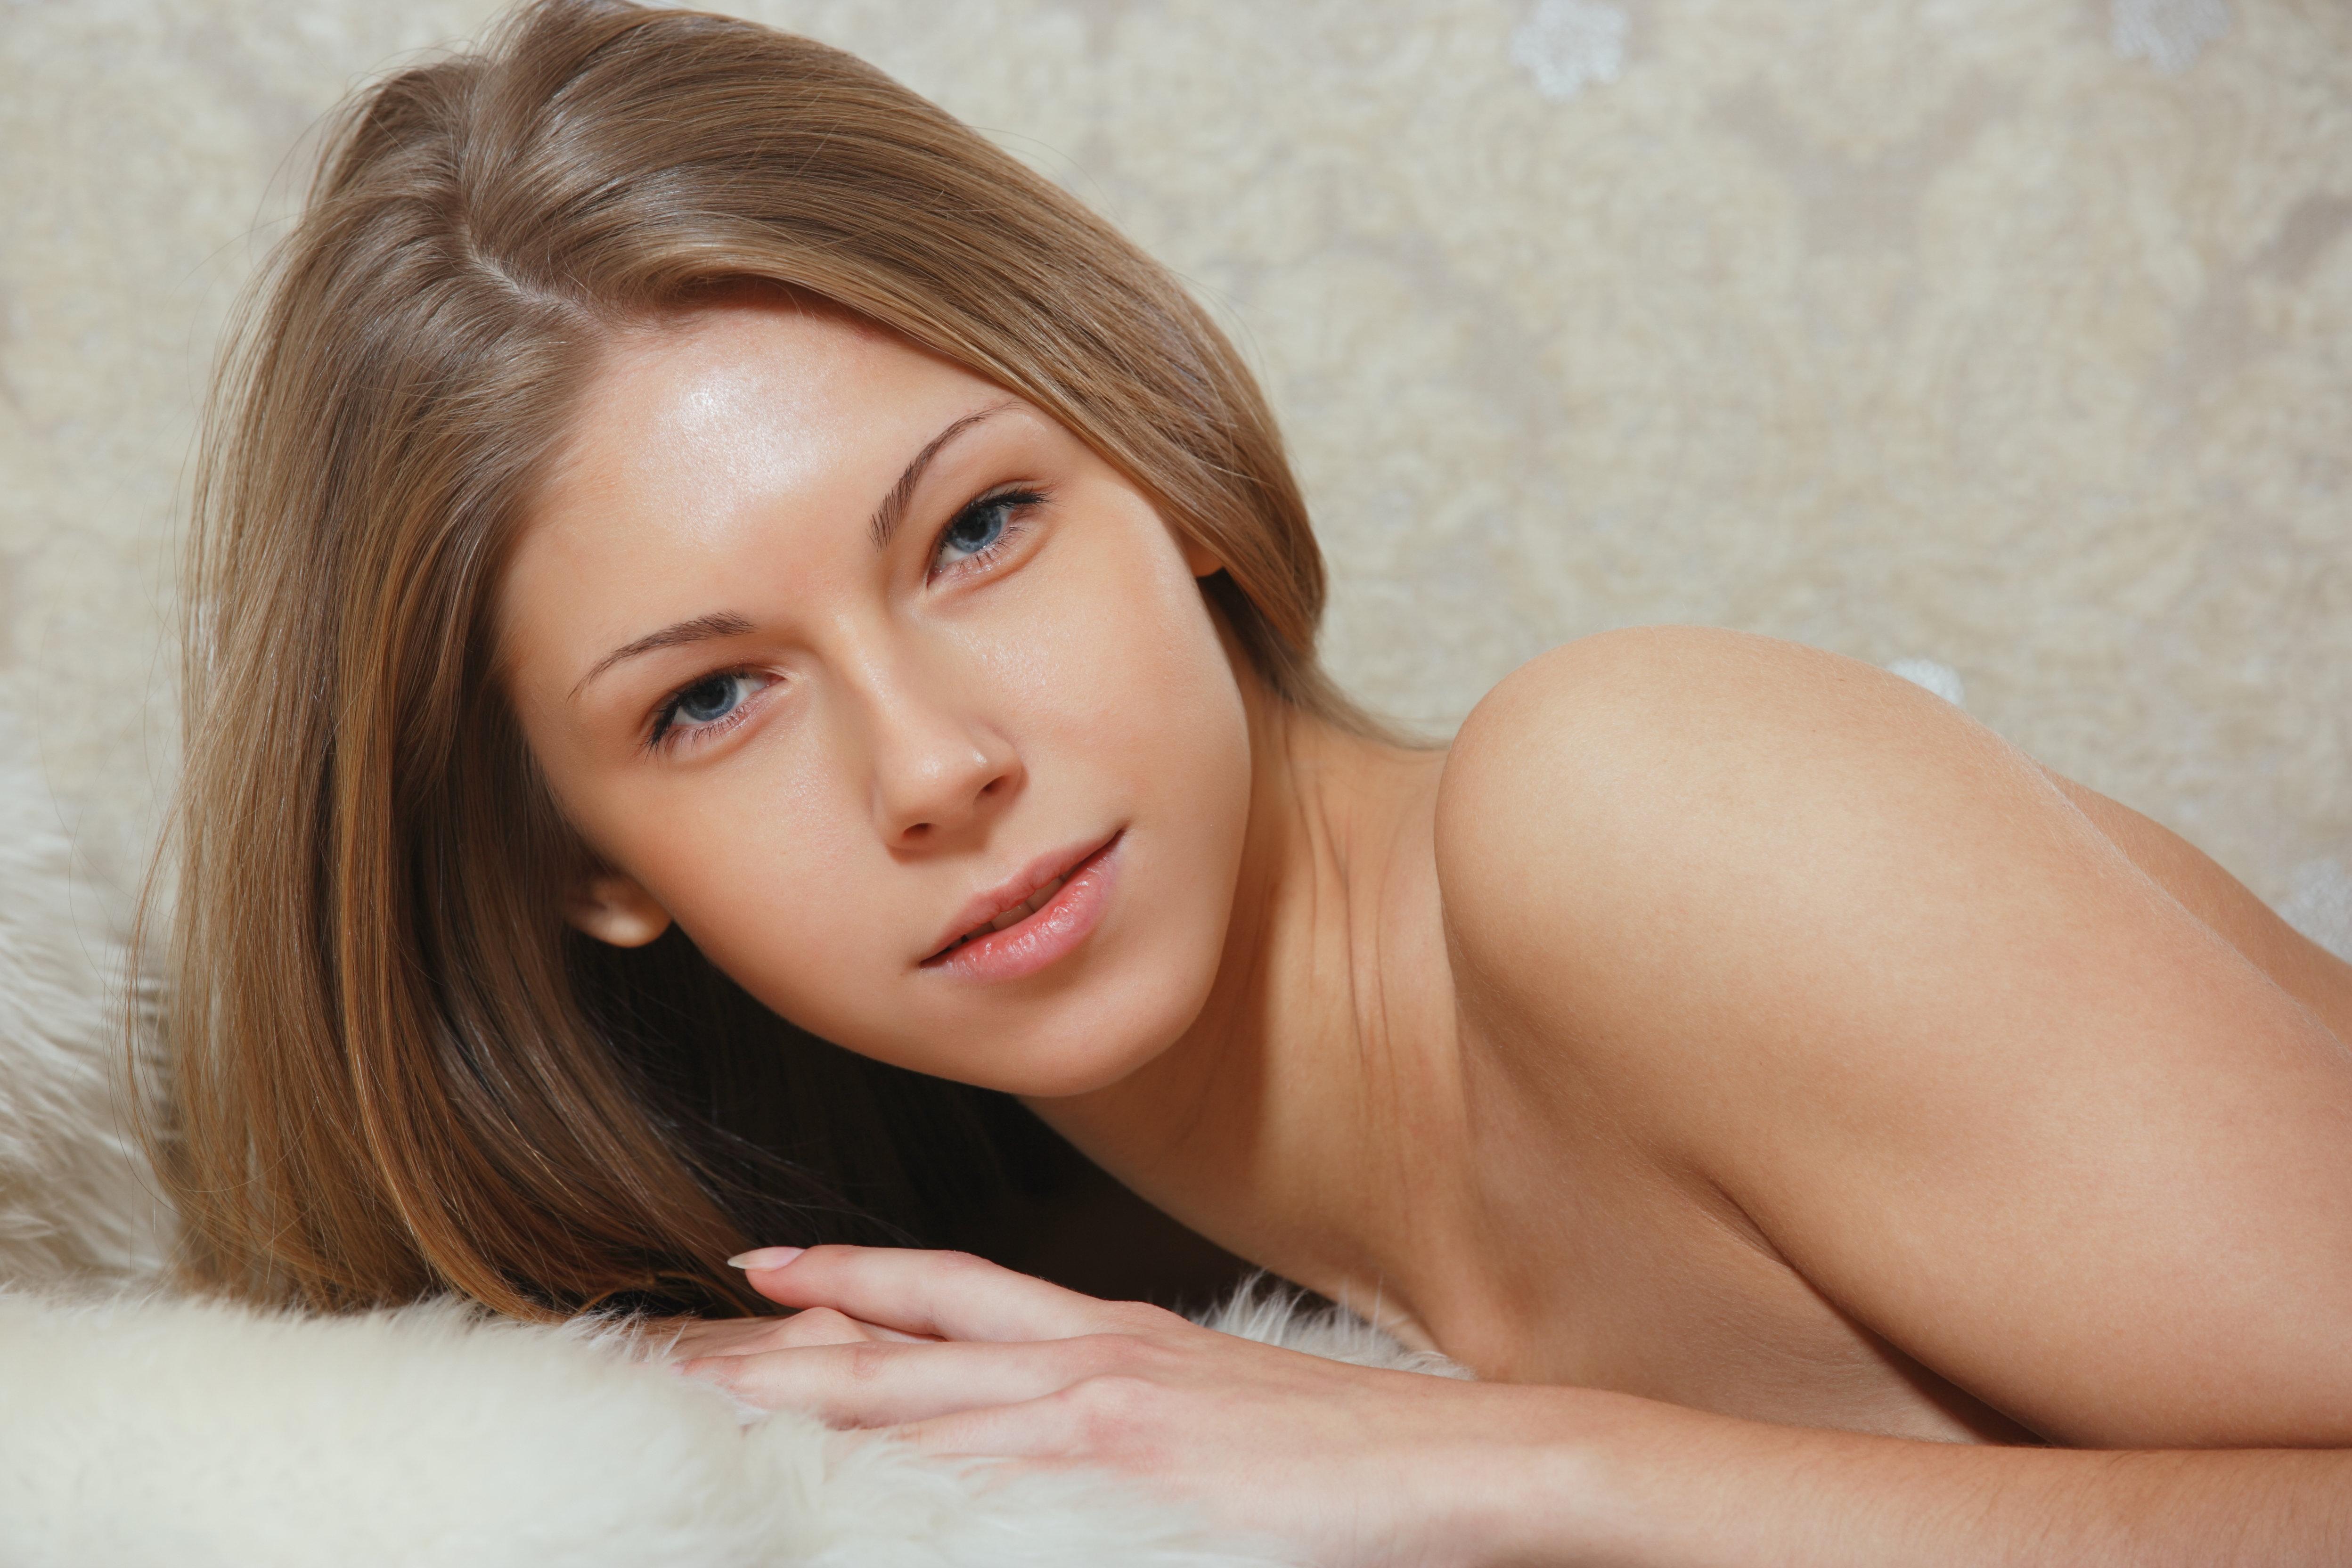 Анжелика порнозвезда русская